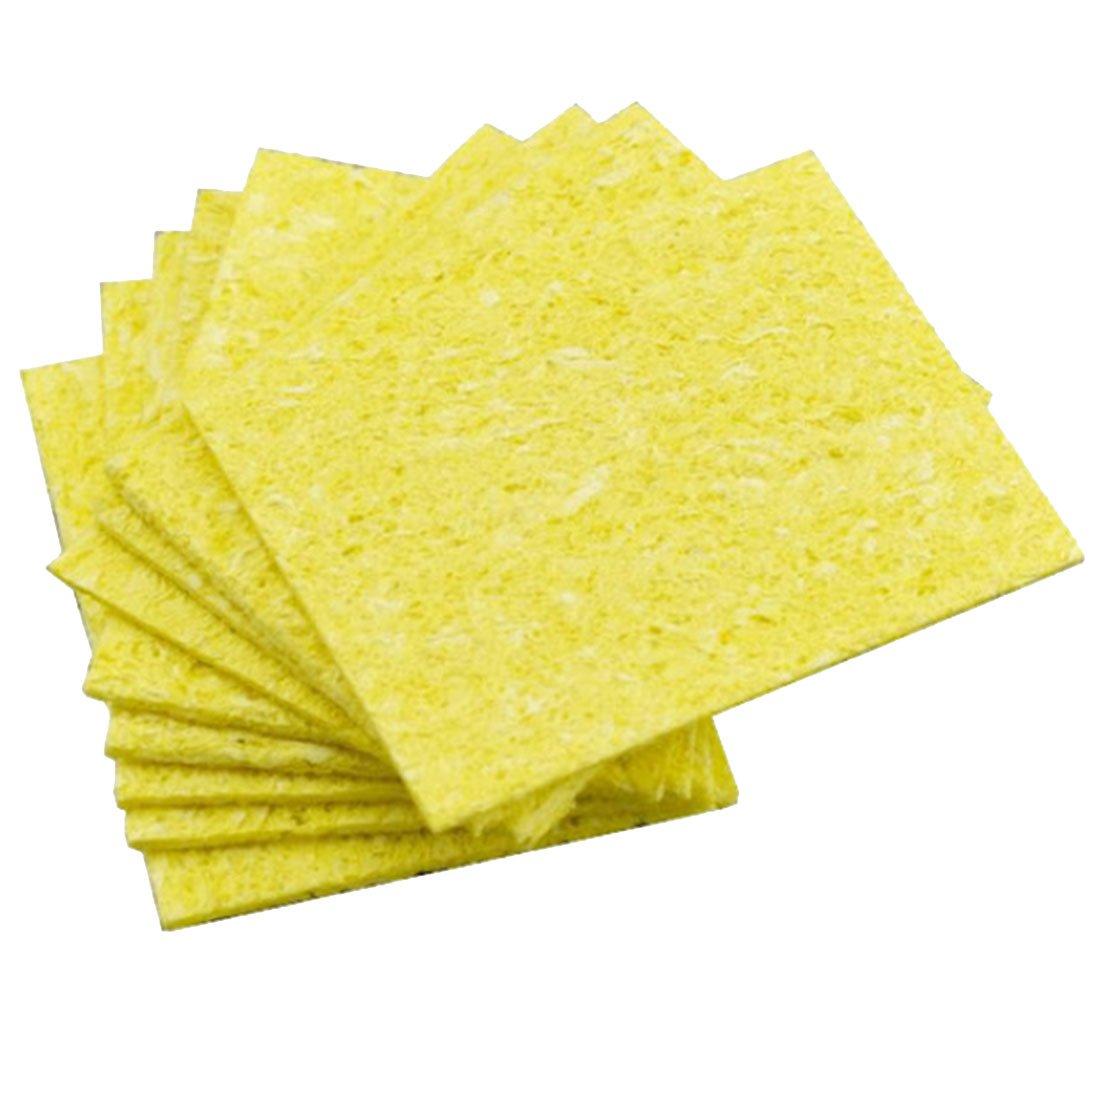 10pcs fer à souder éponges tampons à souder pointe de fer nettoyant éponge de nettoyage 5x3.5cm 91ai-store